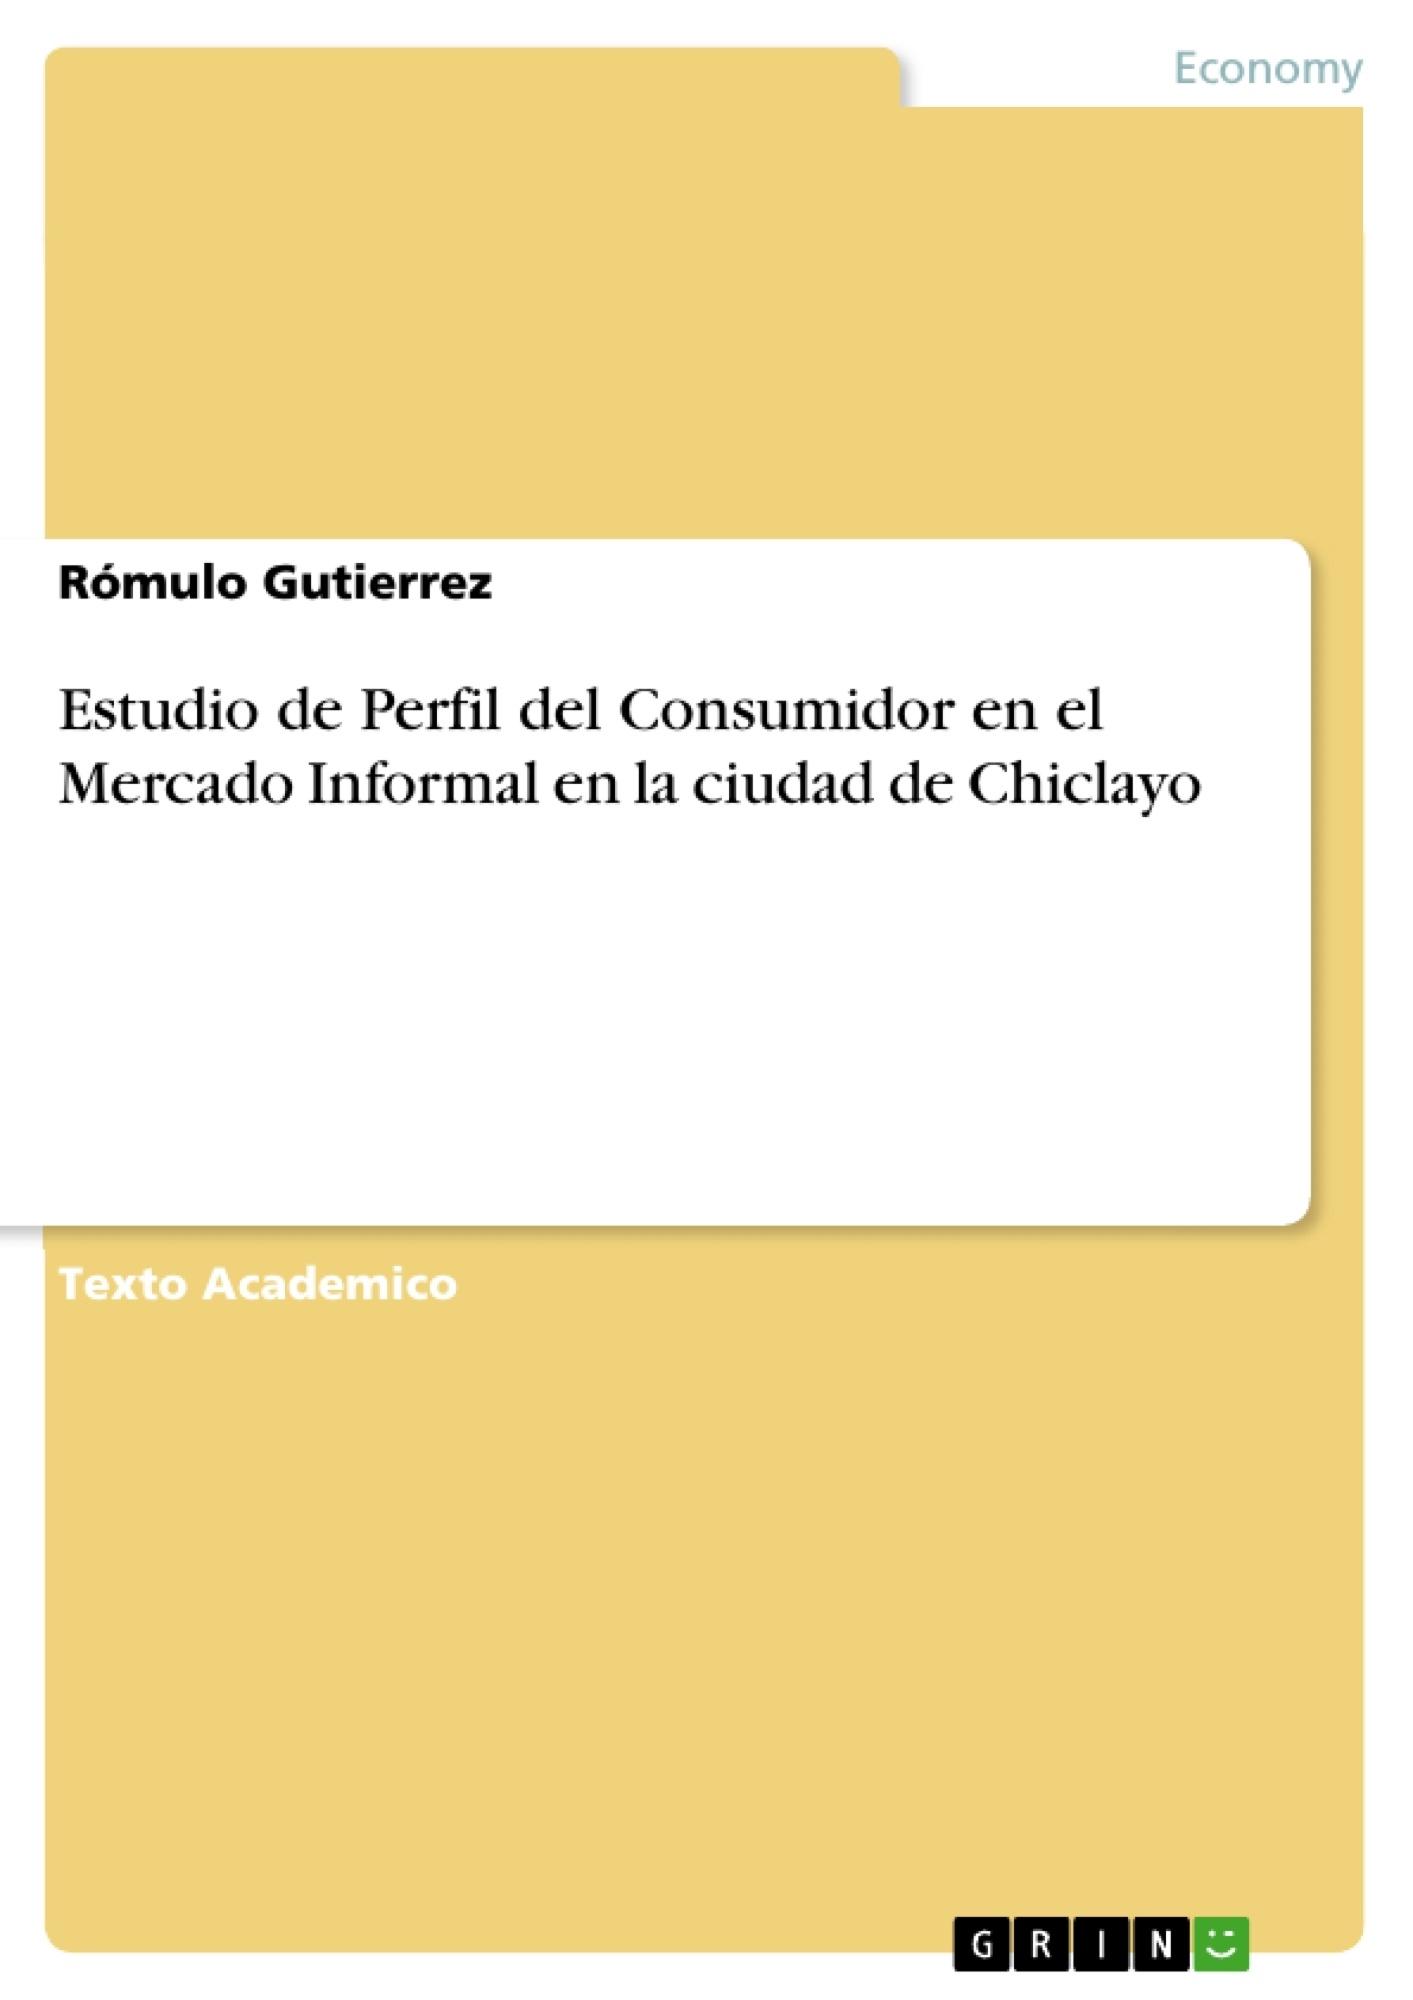 Título: Estudio de Perfil del Consumidor en el Mercado Informal en la ciudad de Chiclayo